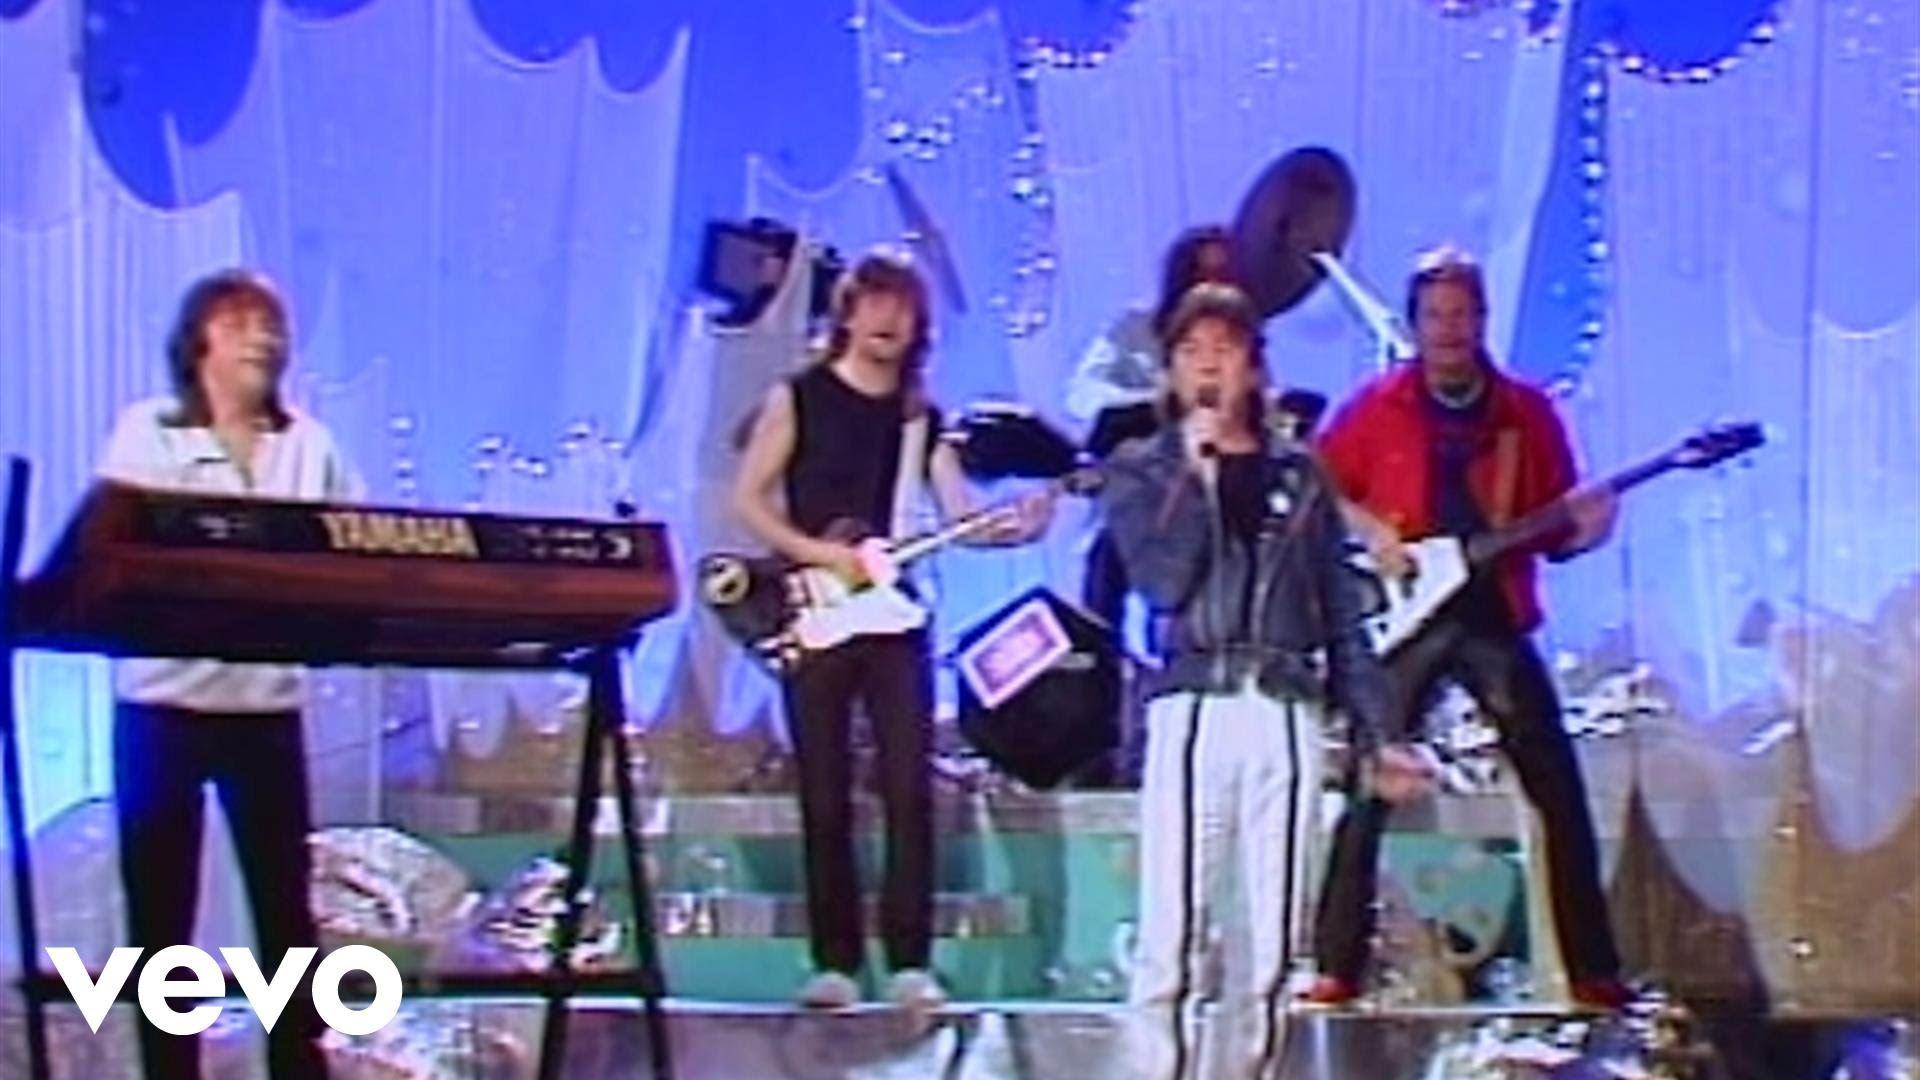 Karat - Jede Jede Stunde (Ein Kessel Buntes 05.11.1983) | schlager ...